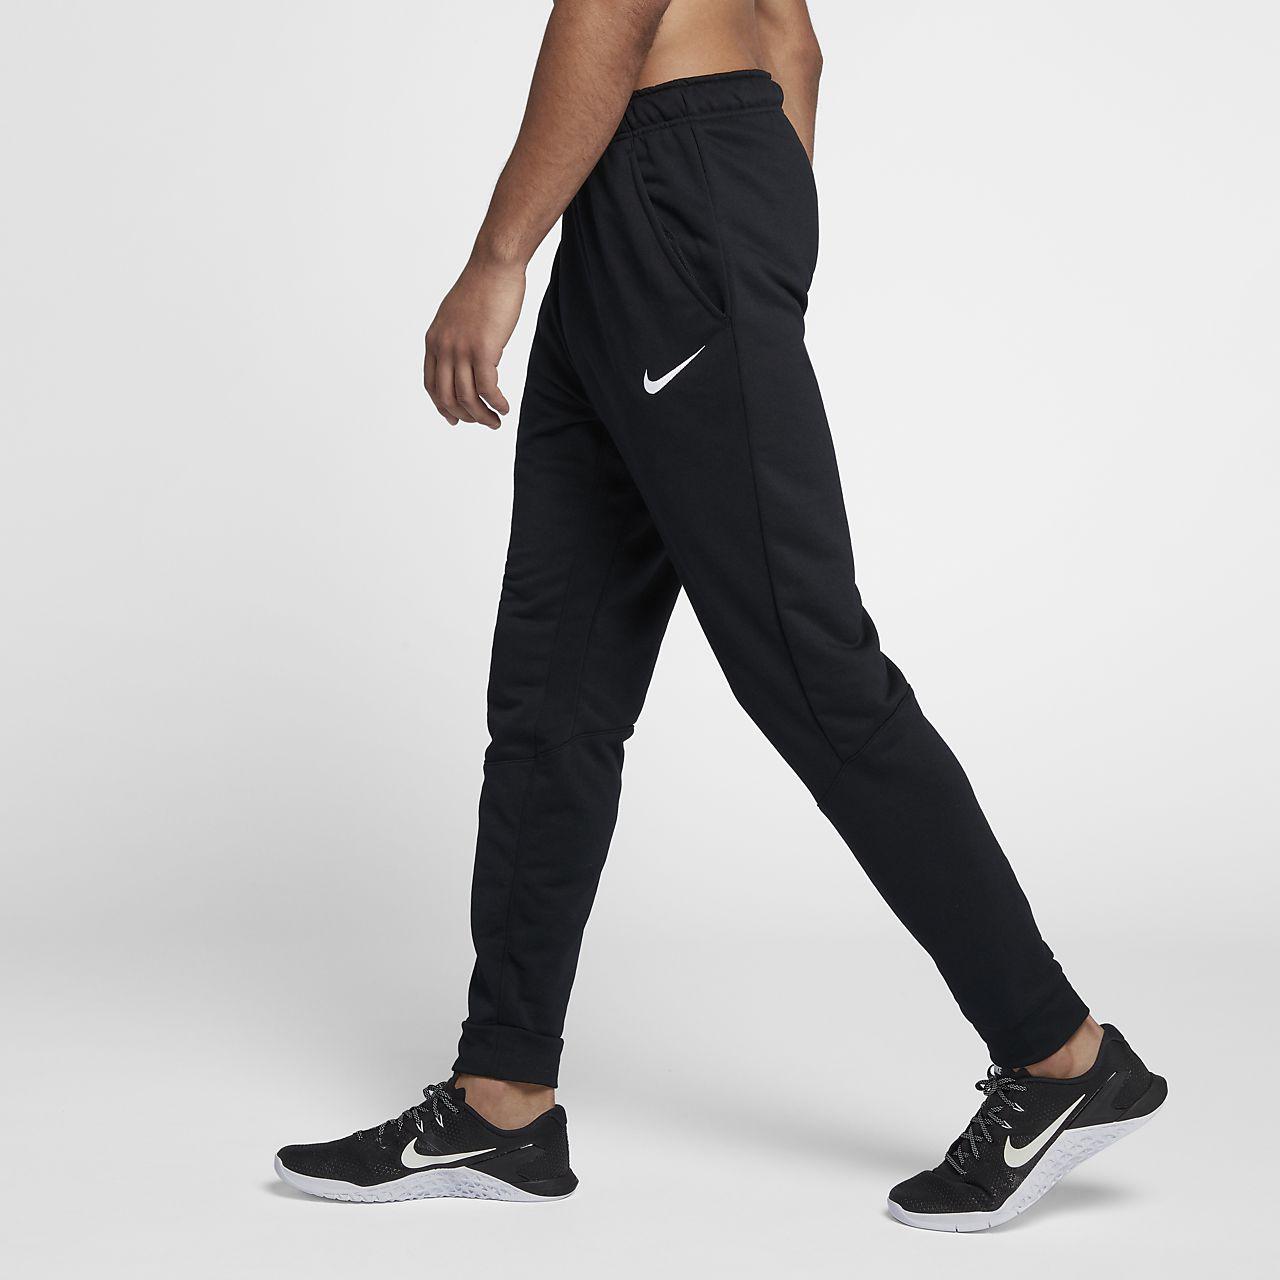 Nike Dri-FIT Pantalón de entrenamiento de tejido Fleece entallado - Hombre bc7c1bb307116